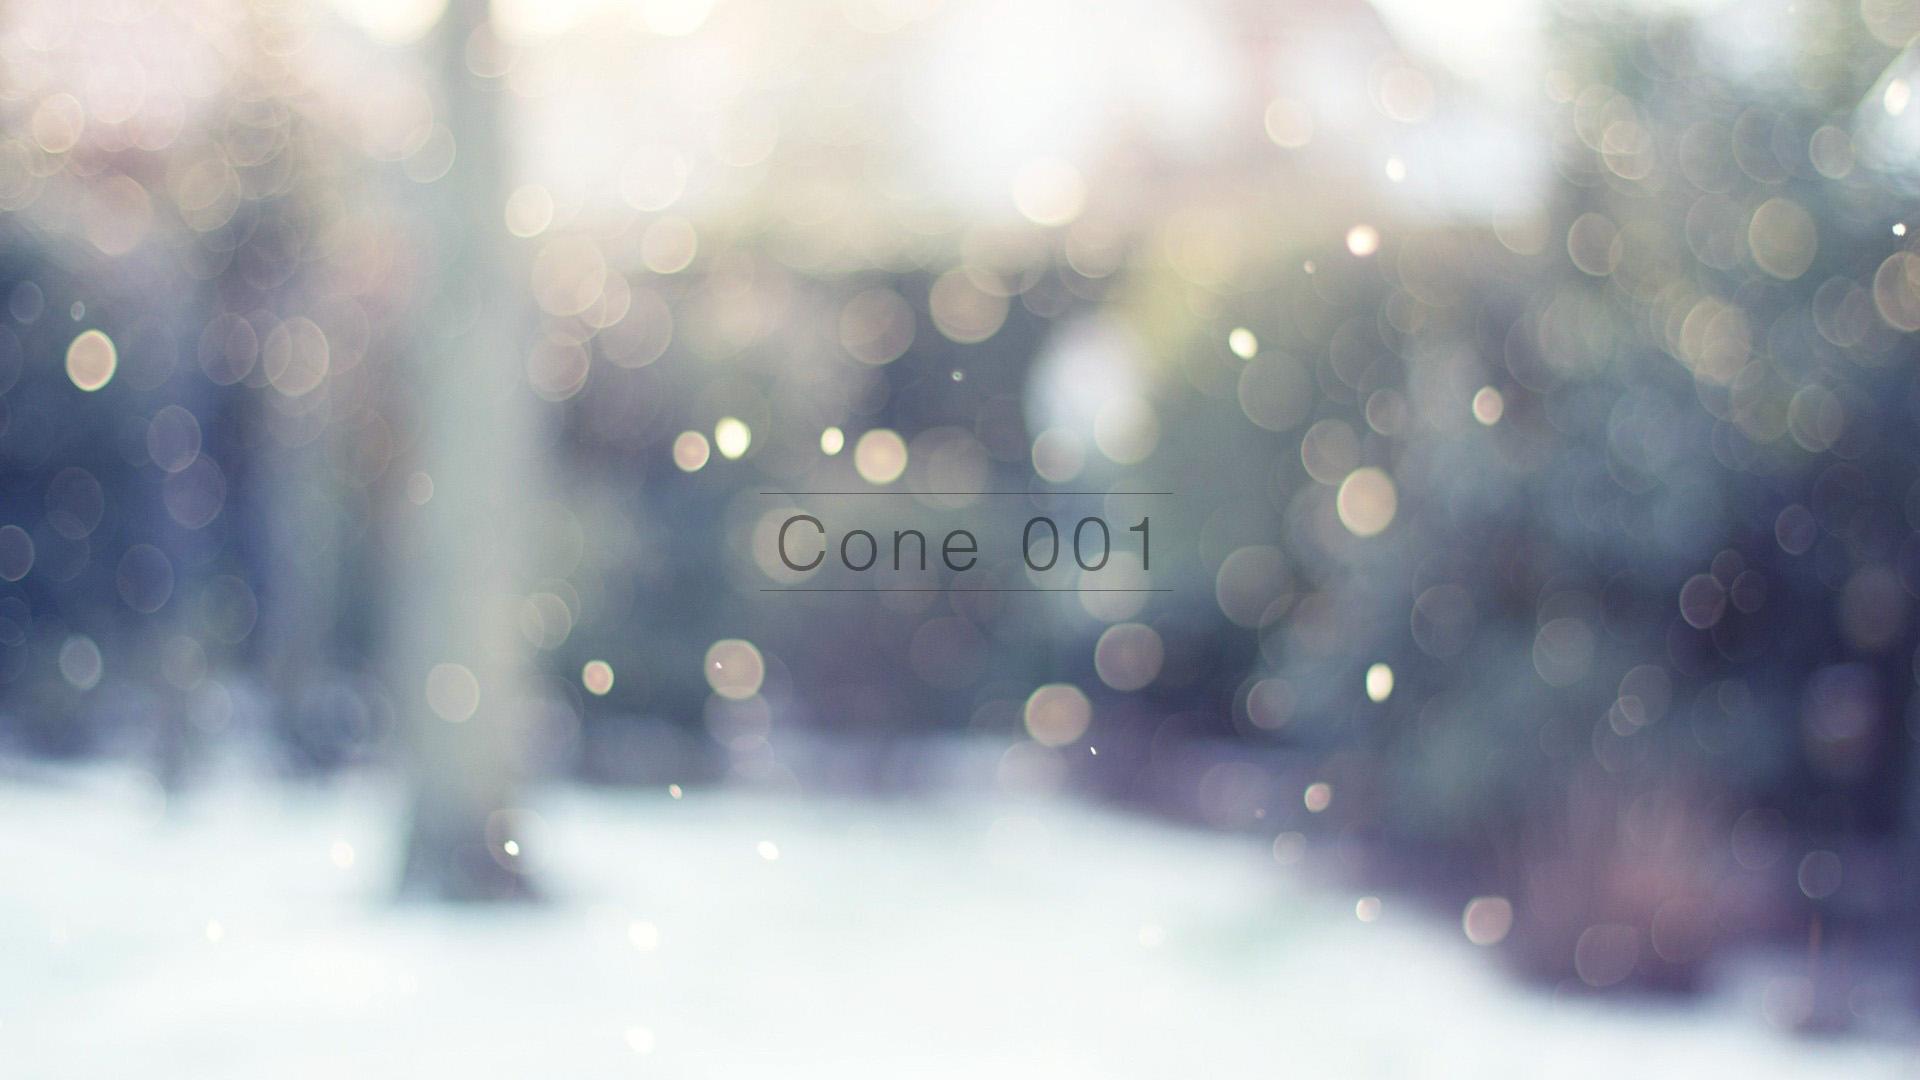 Cone Playlist|Cone Magazine